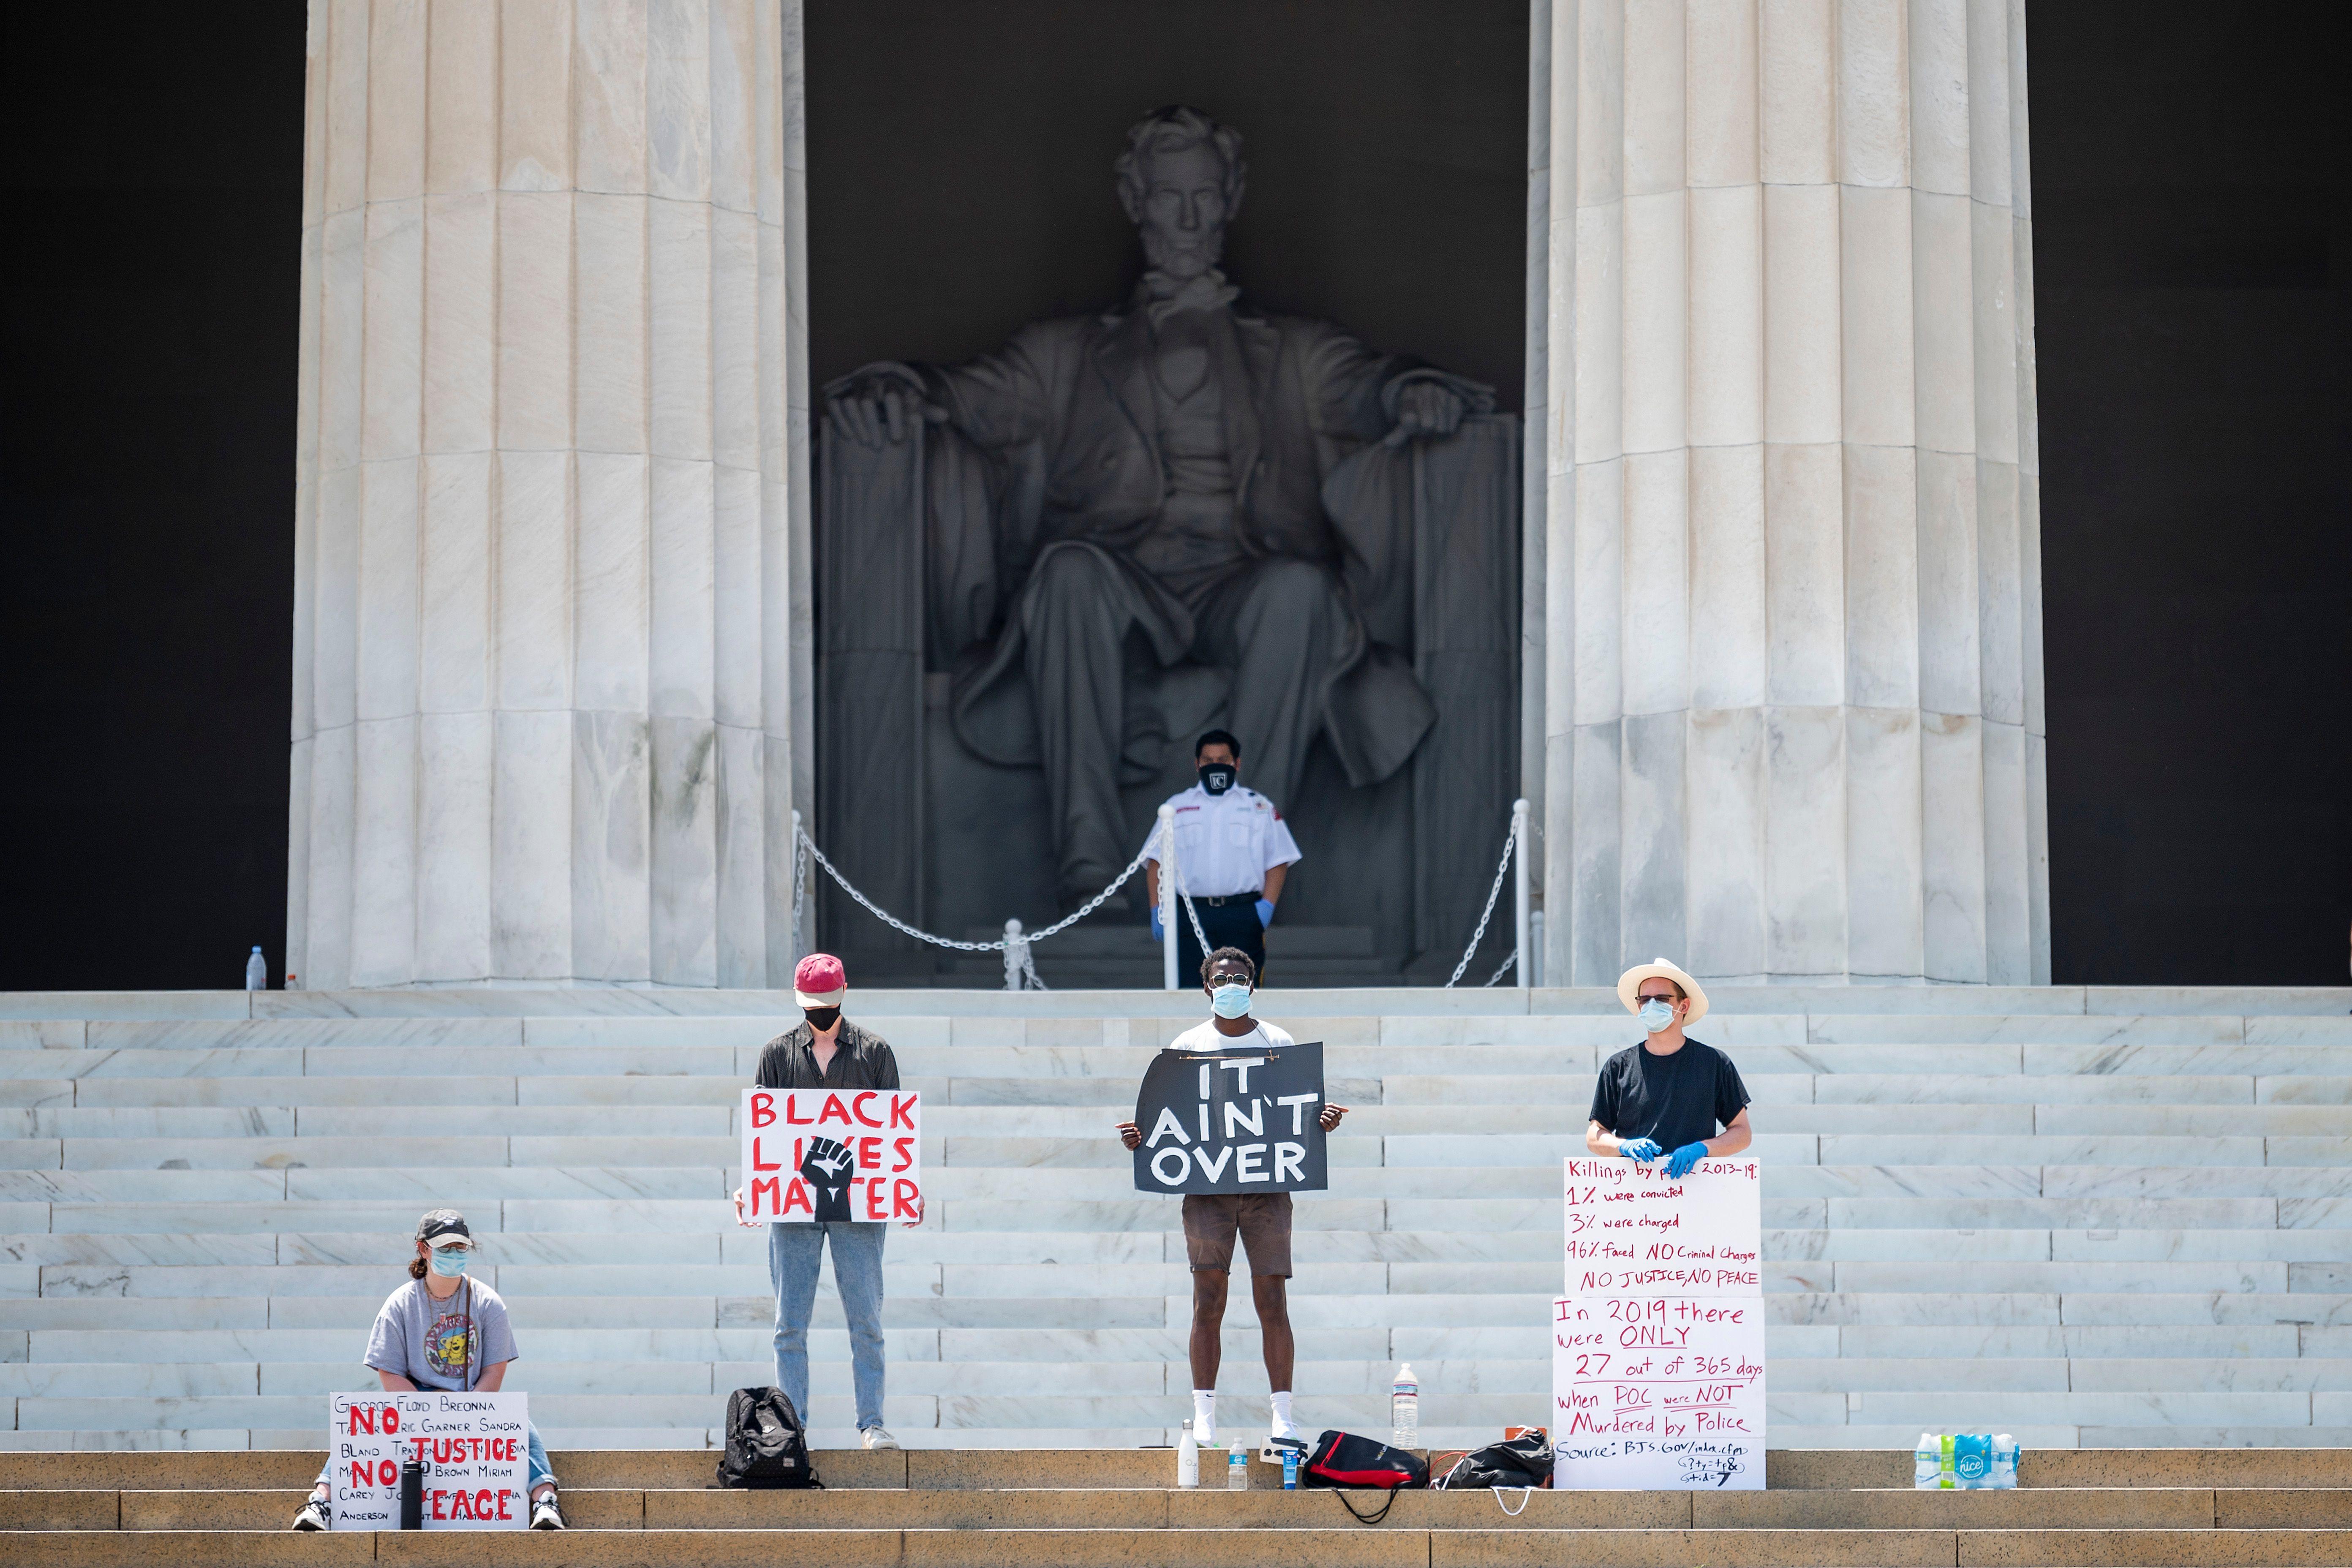 آمریکاییها همچنان به اعتراضات خود ادامه میدهند/ تداوم تظاهرات در مقابل کاخ سفید